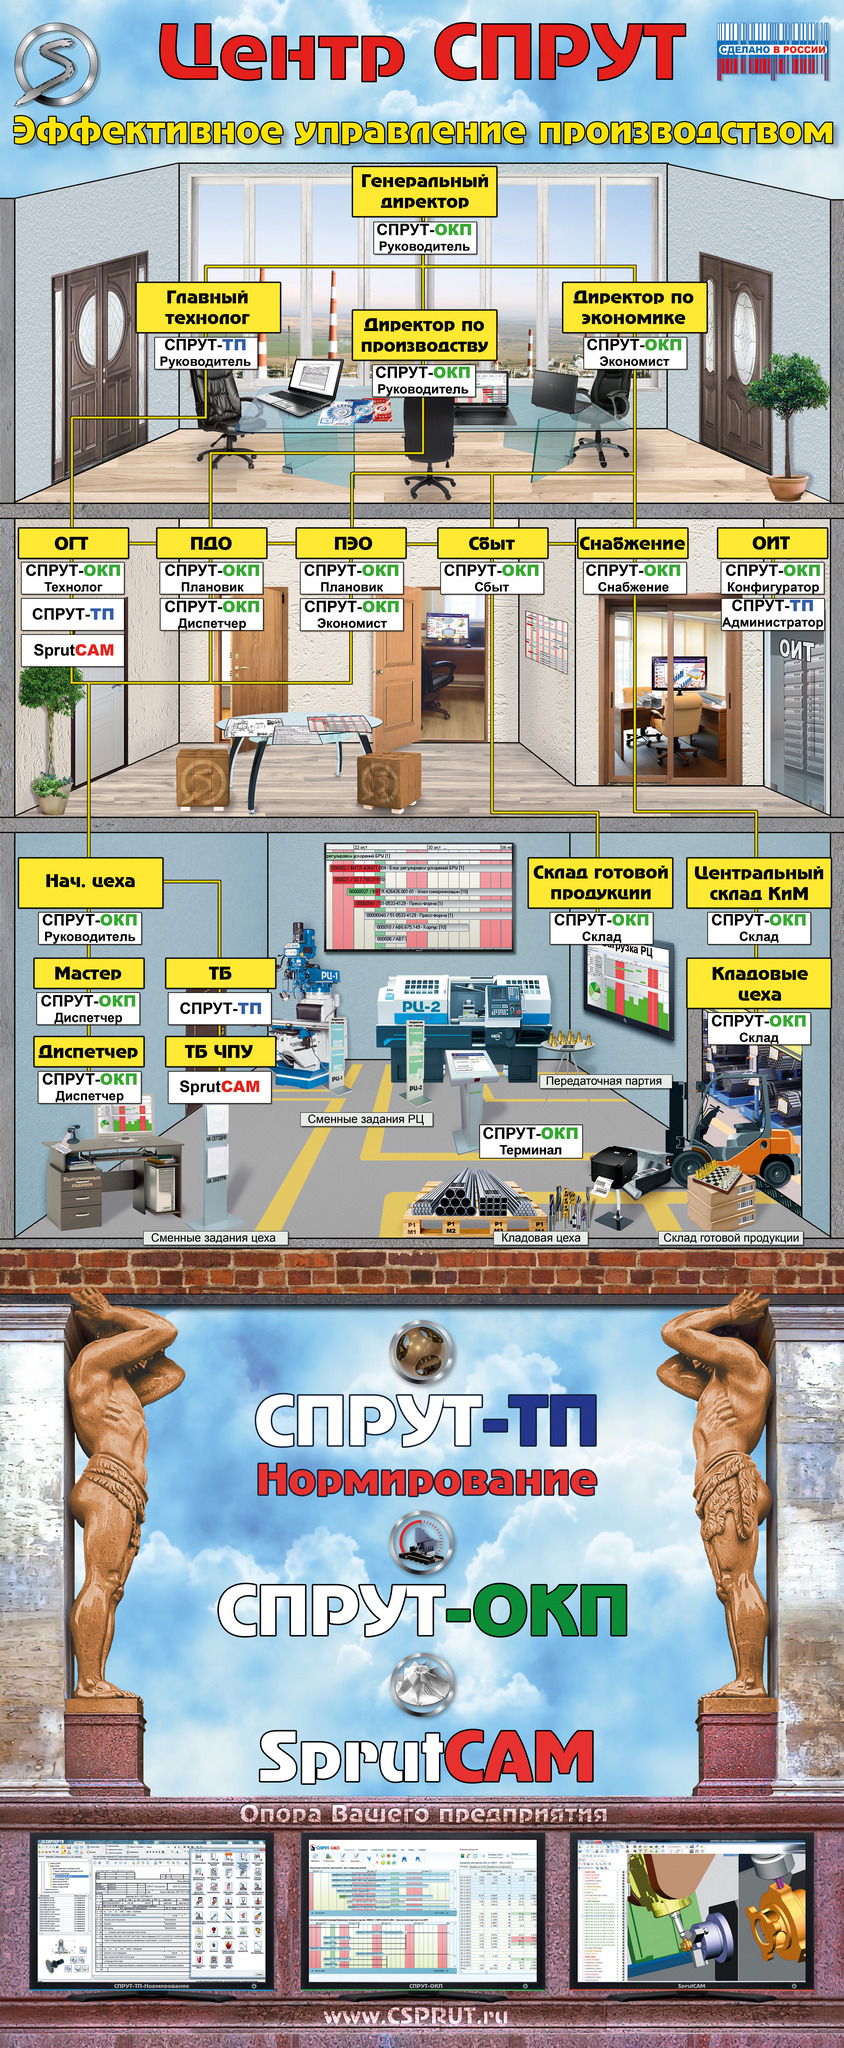 Центр СПРУТ - Эффективное управление производством